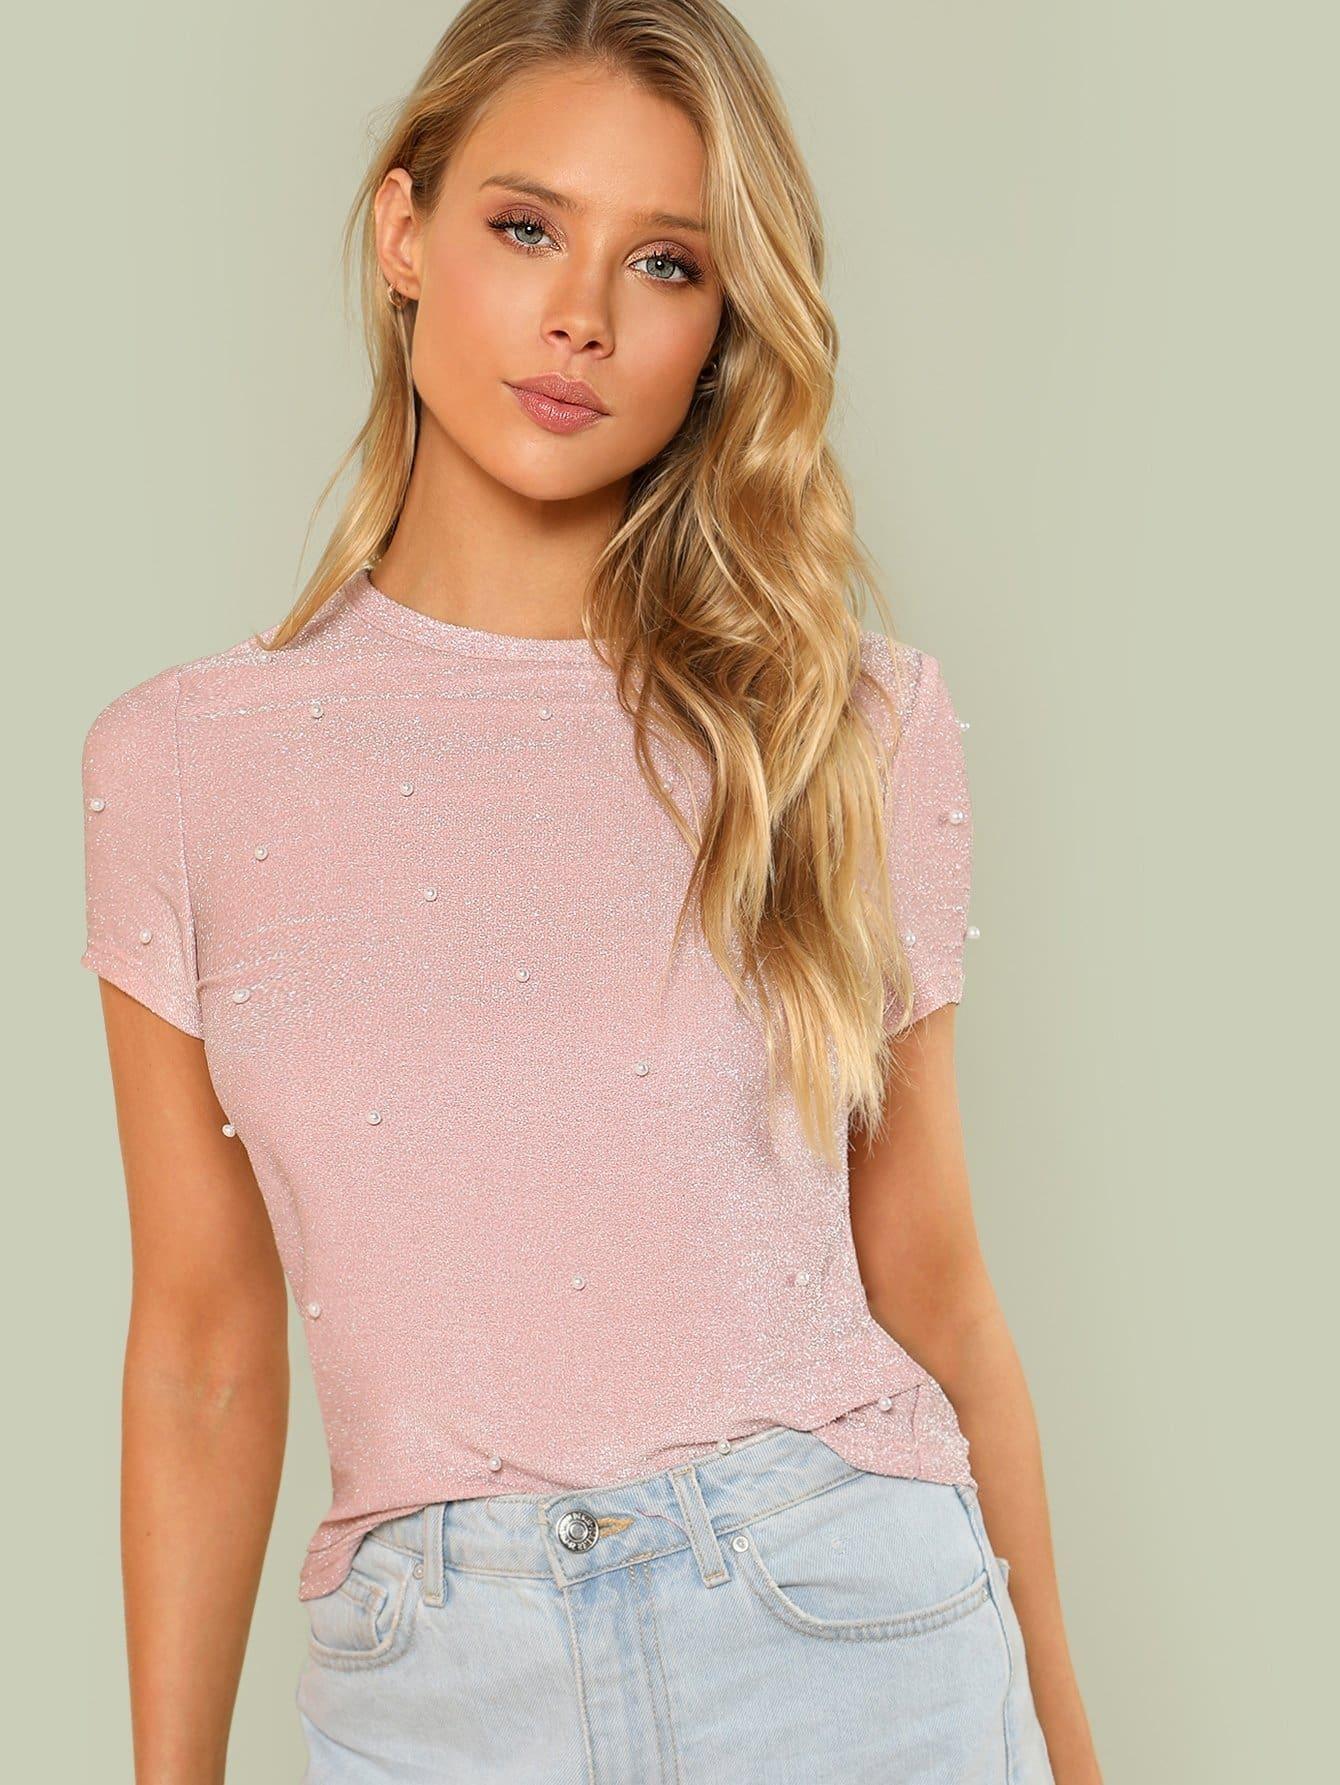 Купить Блестящая футболка с жемчужинами, Allie Leggett, SheIn